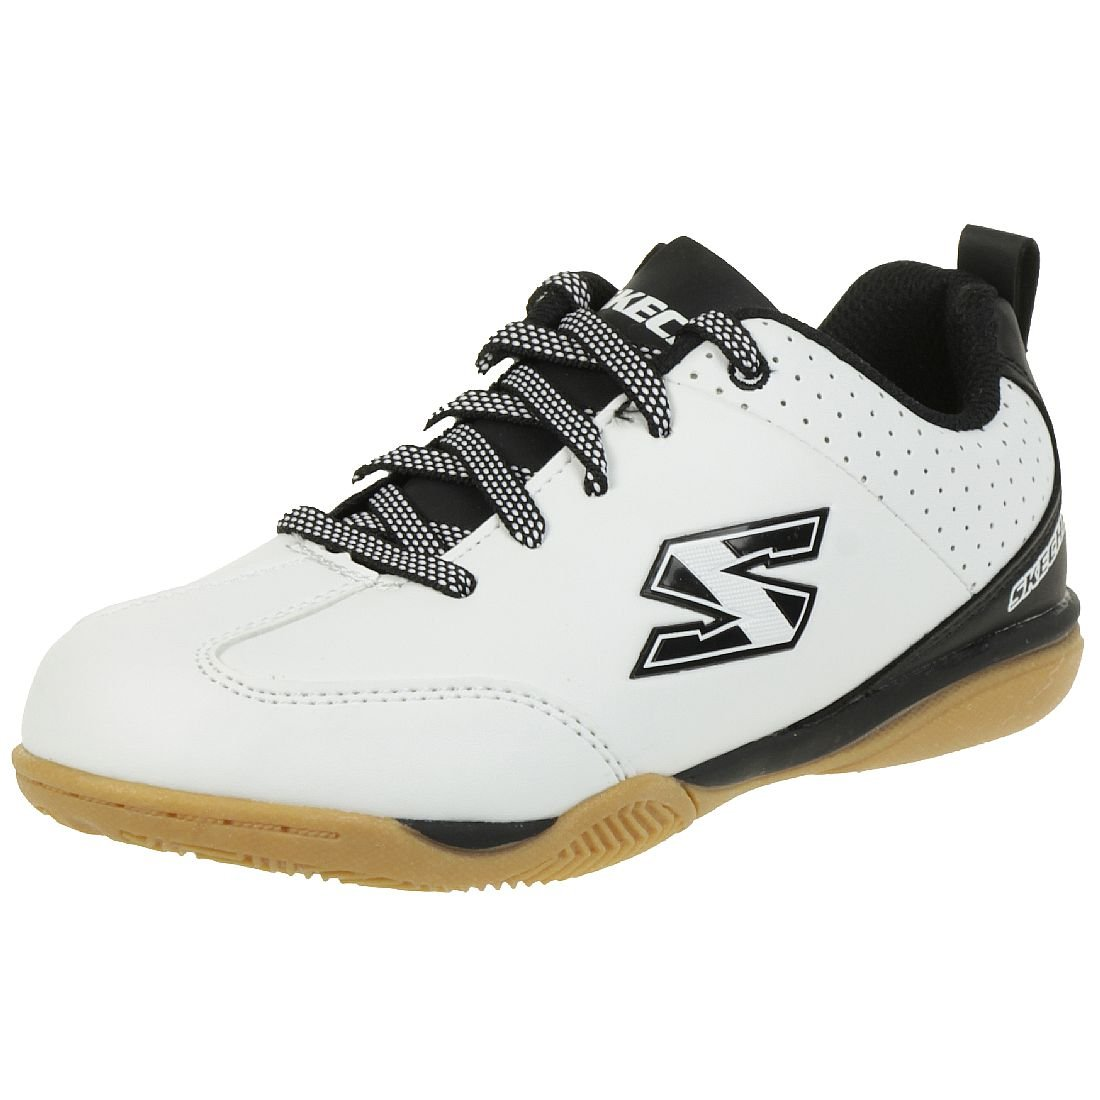 Skechers Offside Jungen Sneaker Trainingsschuh 96902 L/WBK